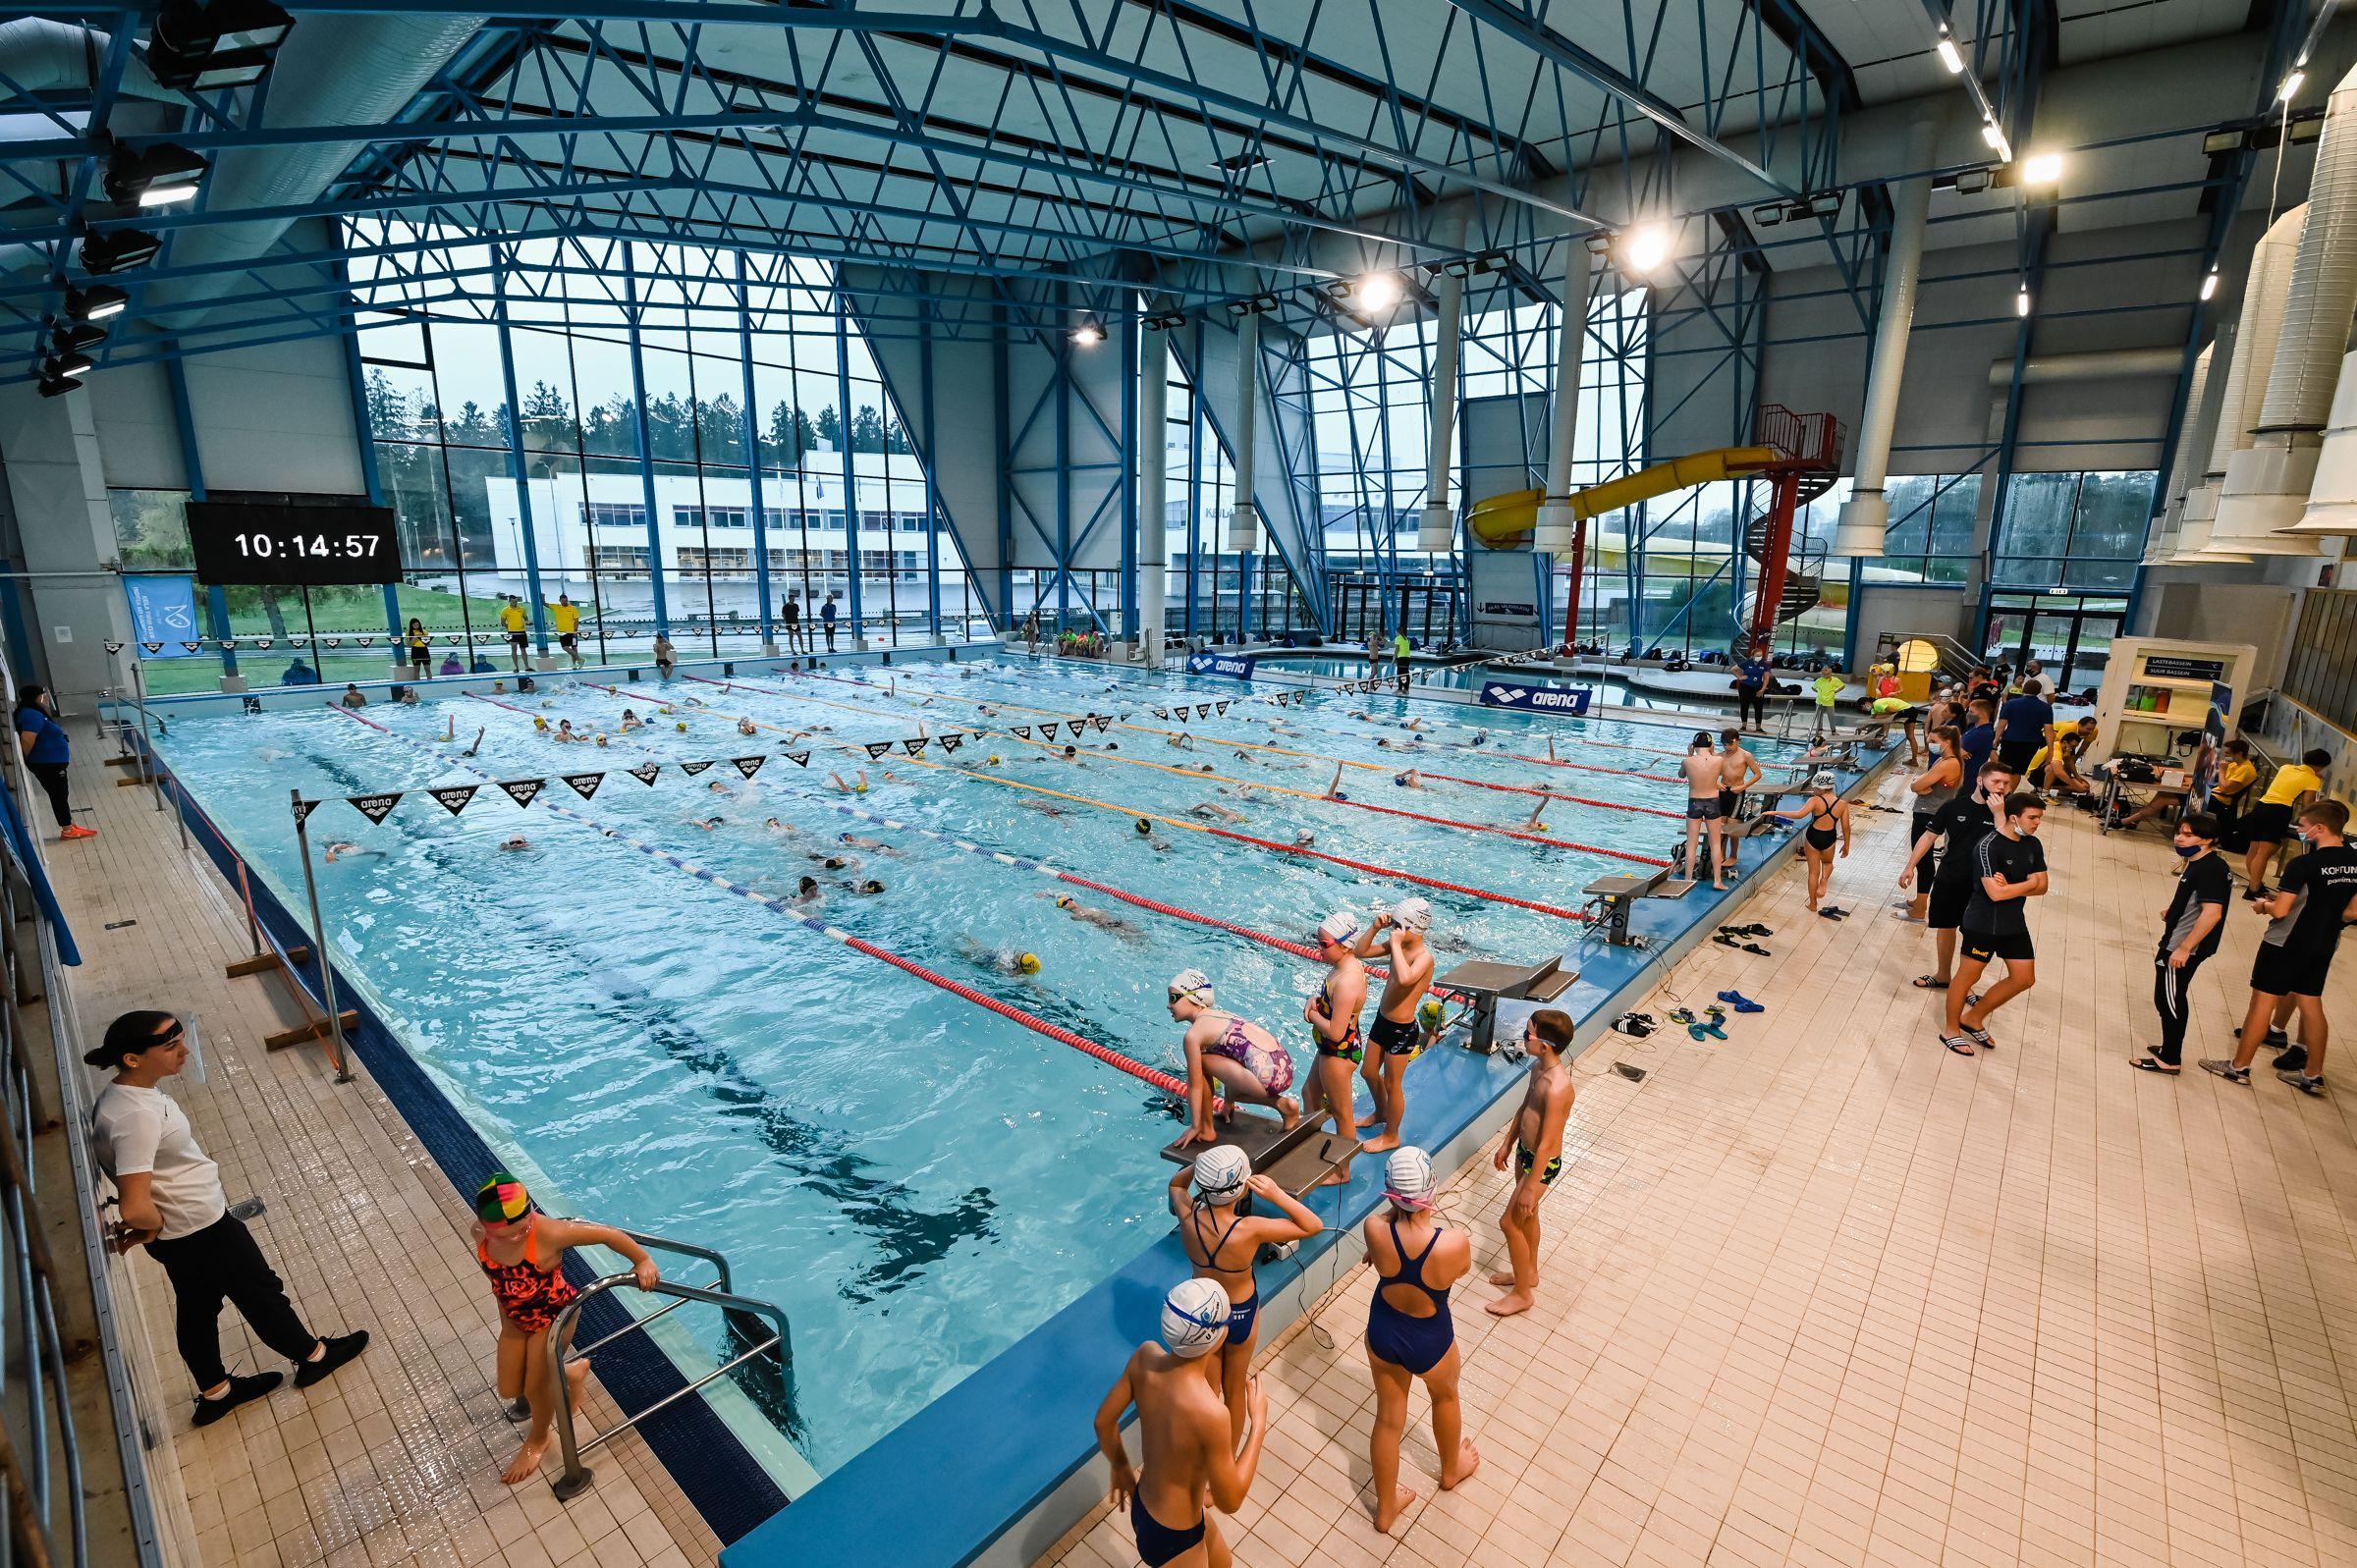 Noored ujujad näitasid Keilas toimunud võistlusel head minekut